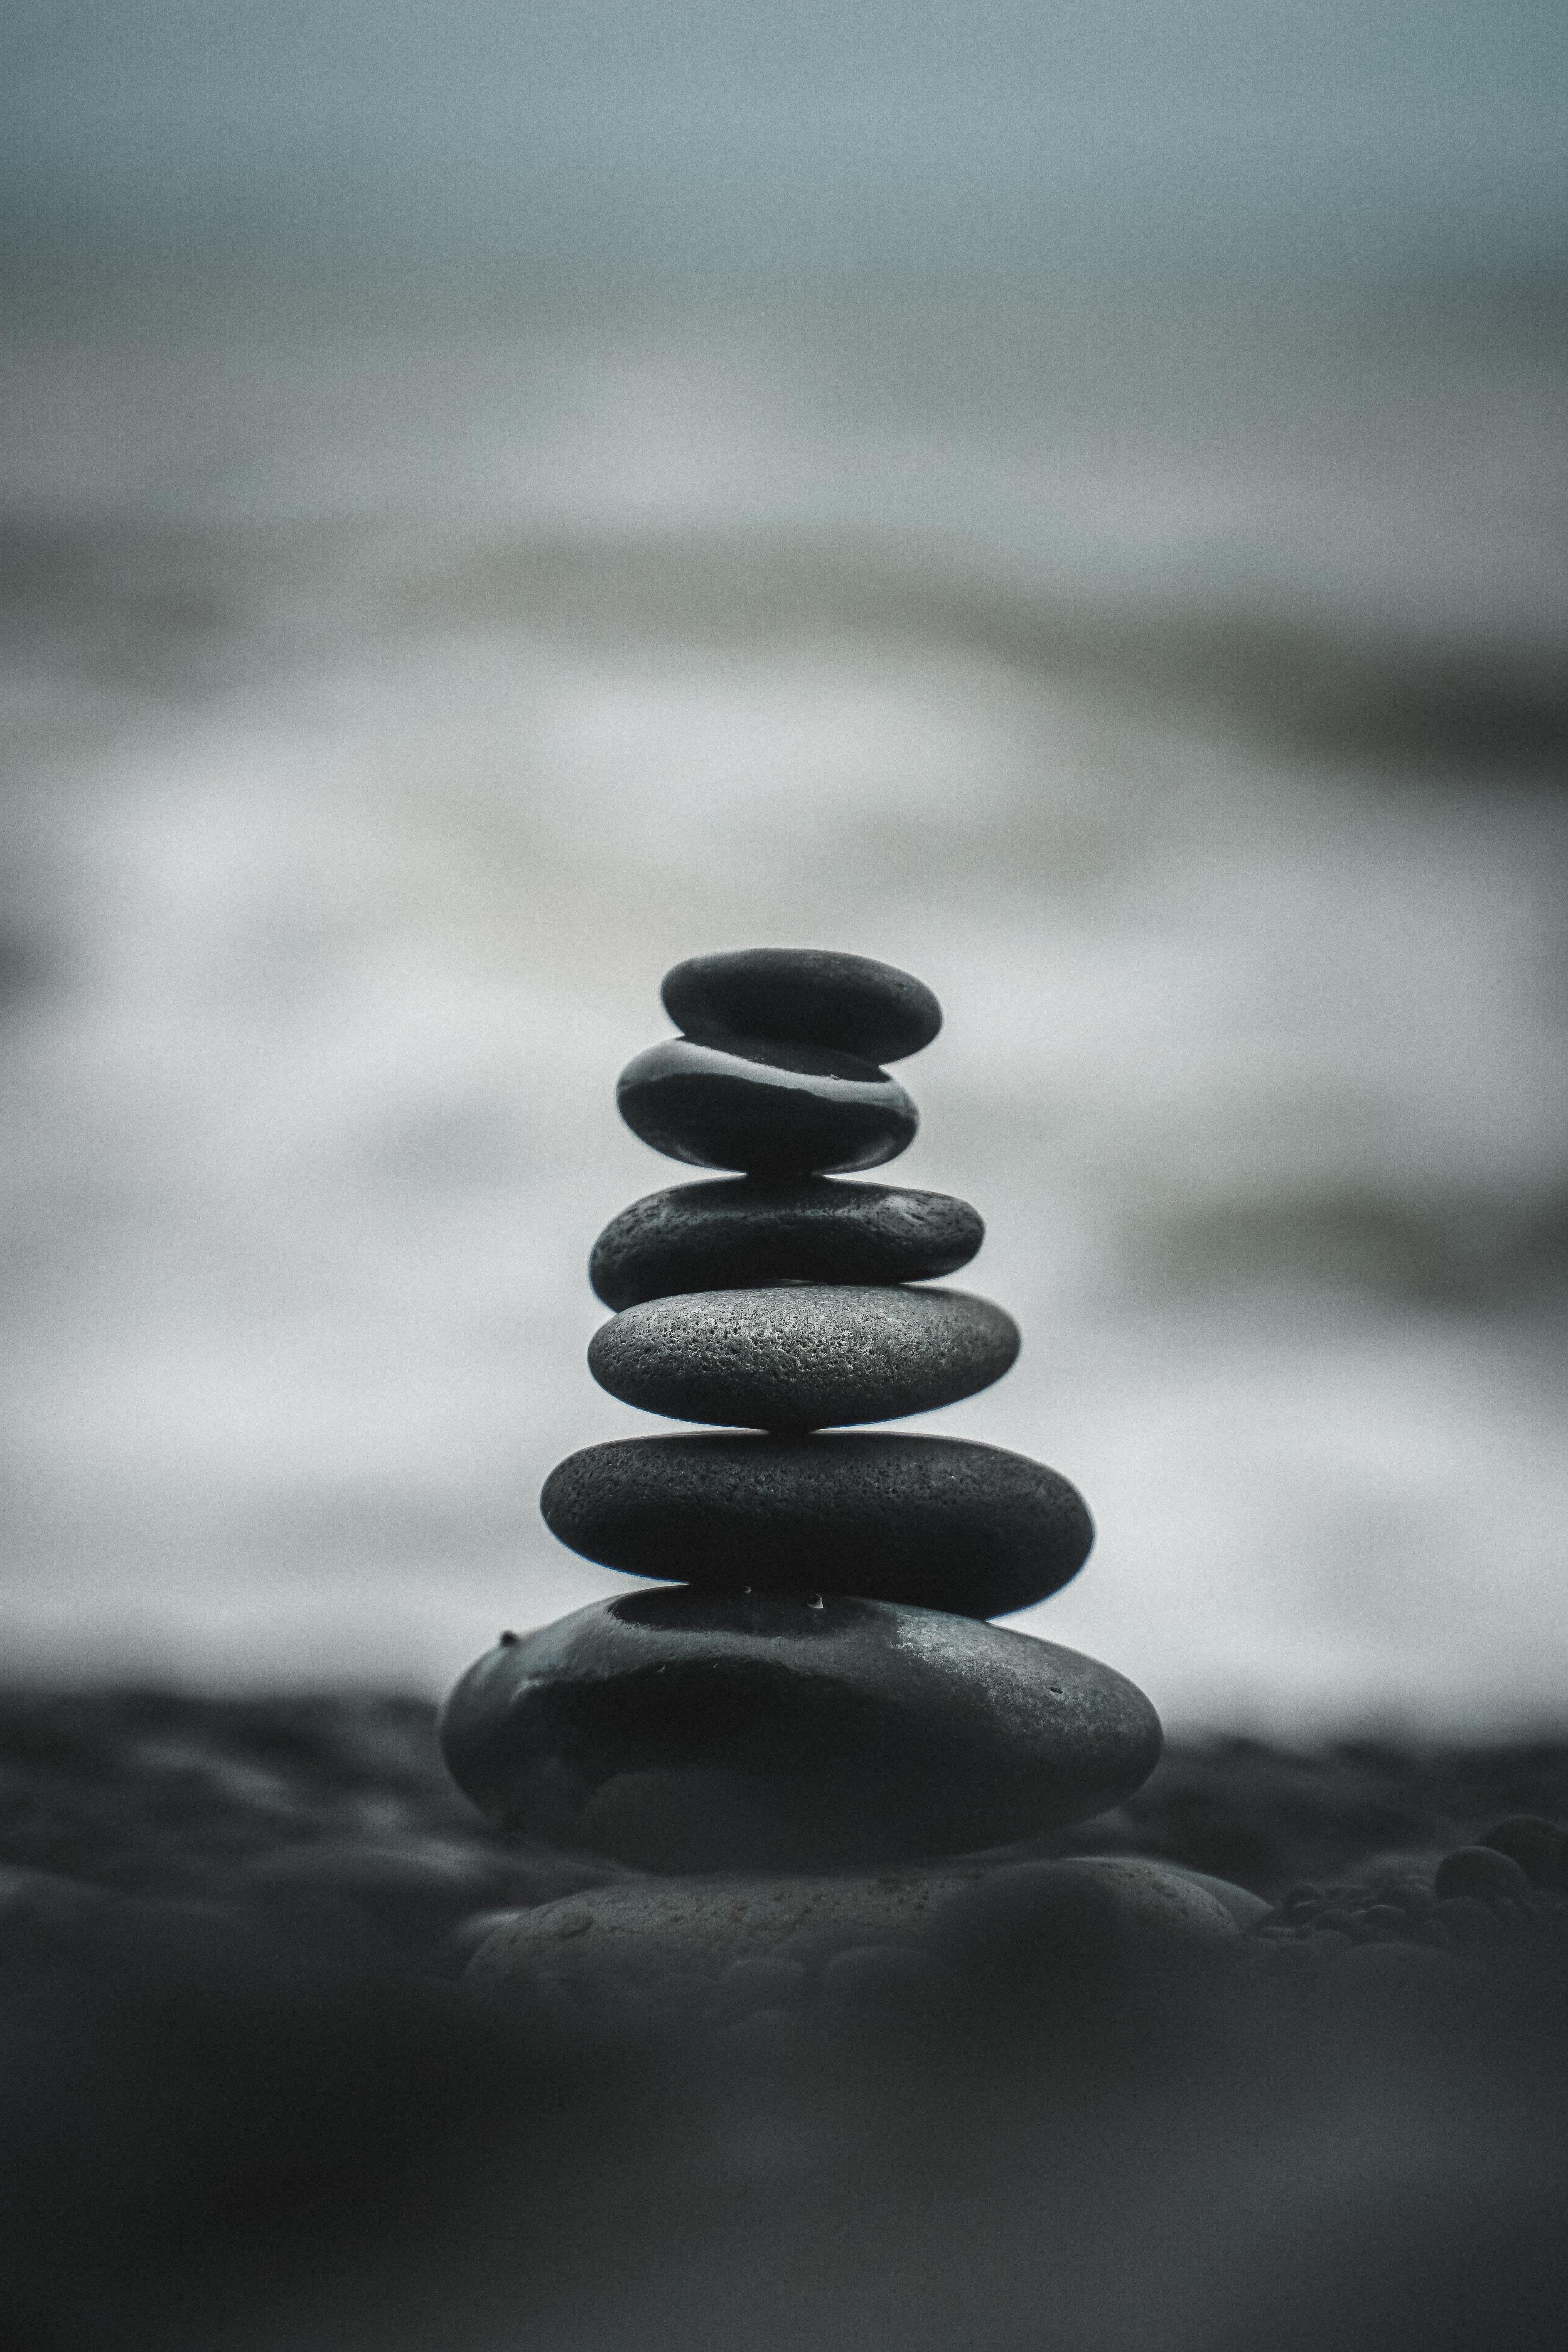 El verdadero poder de hoy: Estar centrado en sí mismo